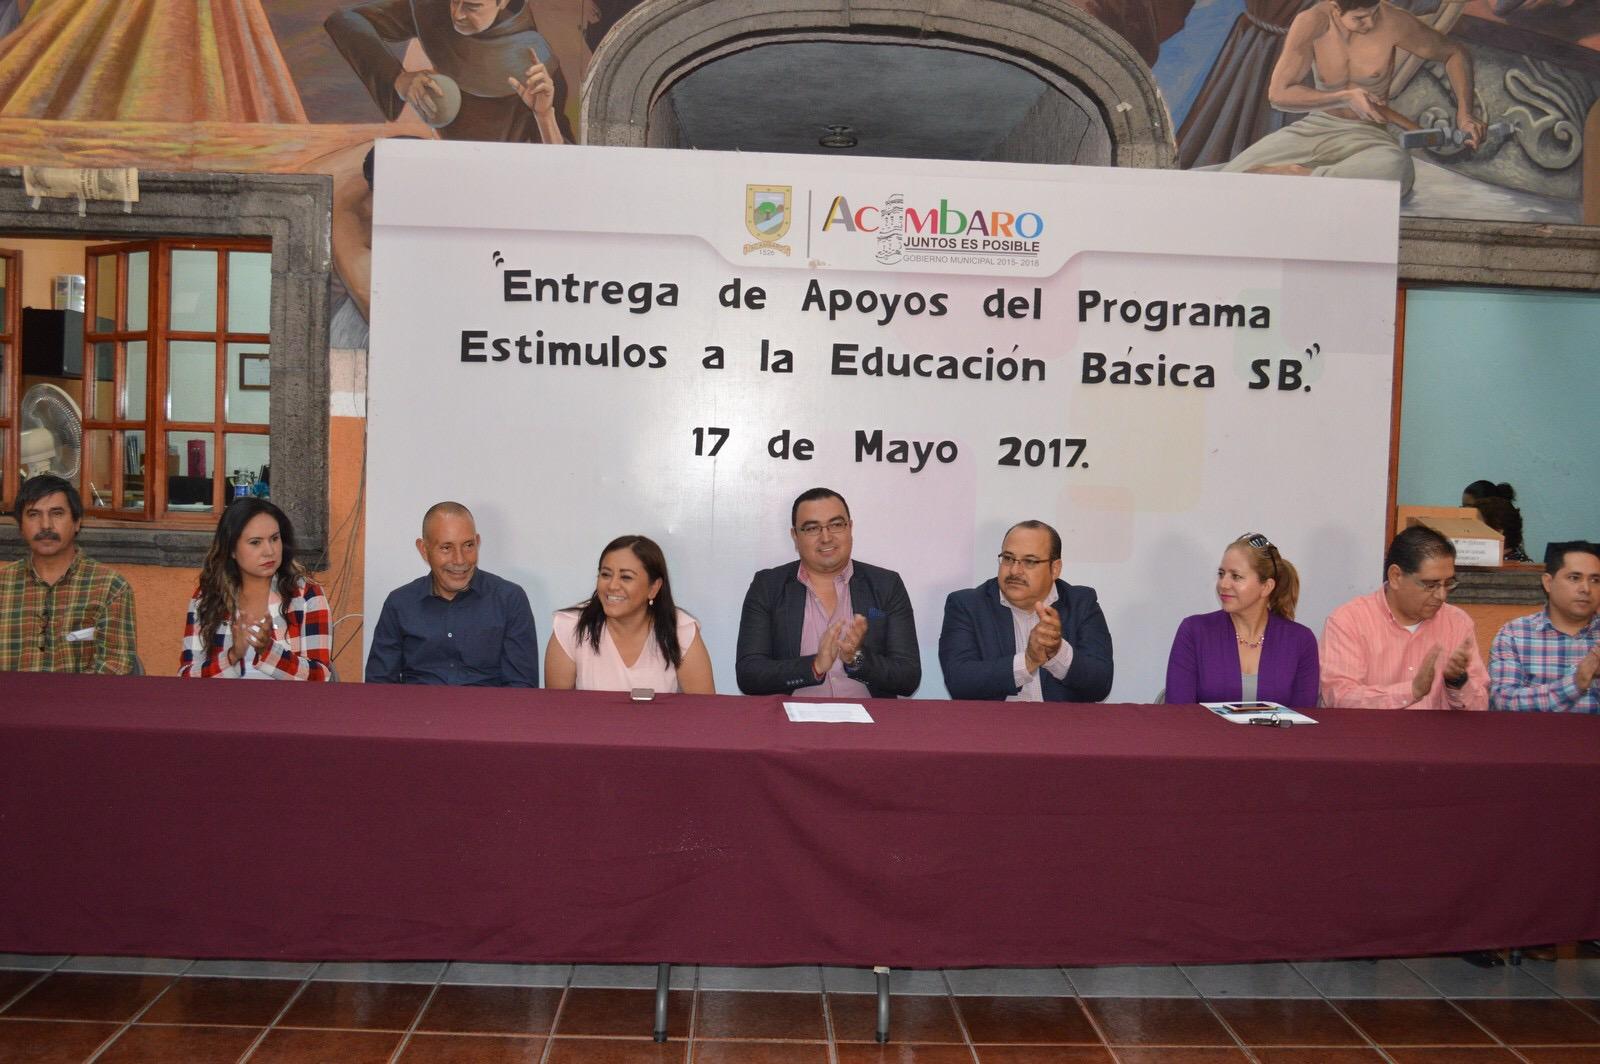 En su mensaje el Alcalde Municipal felicitó a los 1050 niños y jóvenes que recibirán el pago de 4 bimestres de estas becas, e invitó a los padres de familia a que aprovechen el recurso y se aplique cabalmente en la educación de sus hijos.